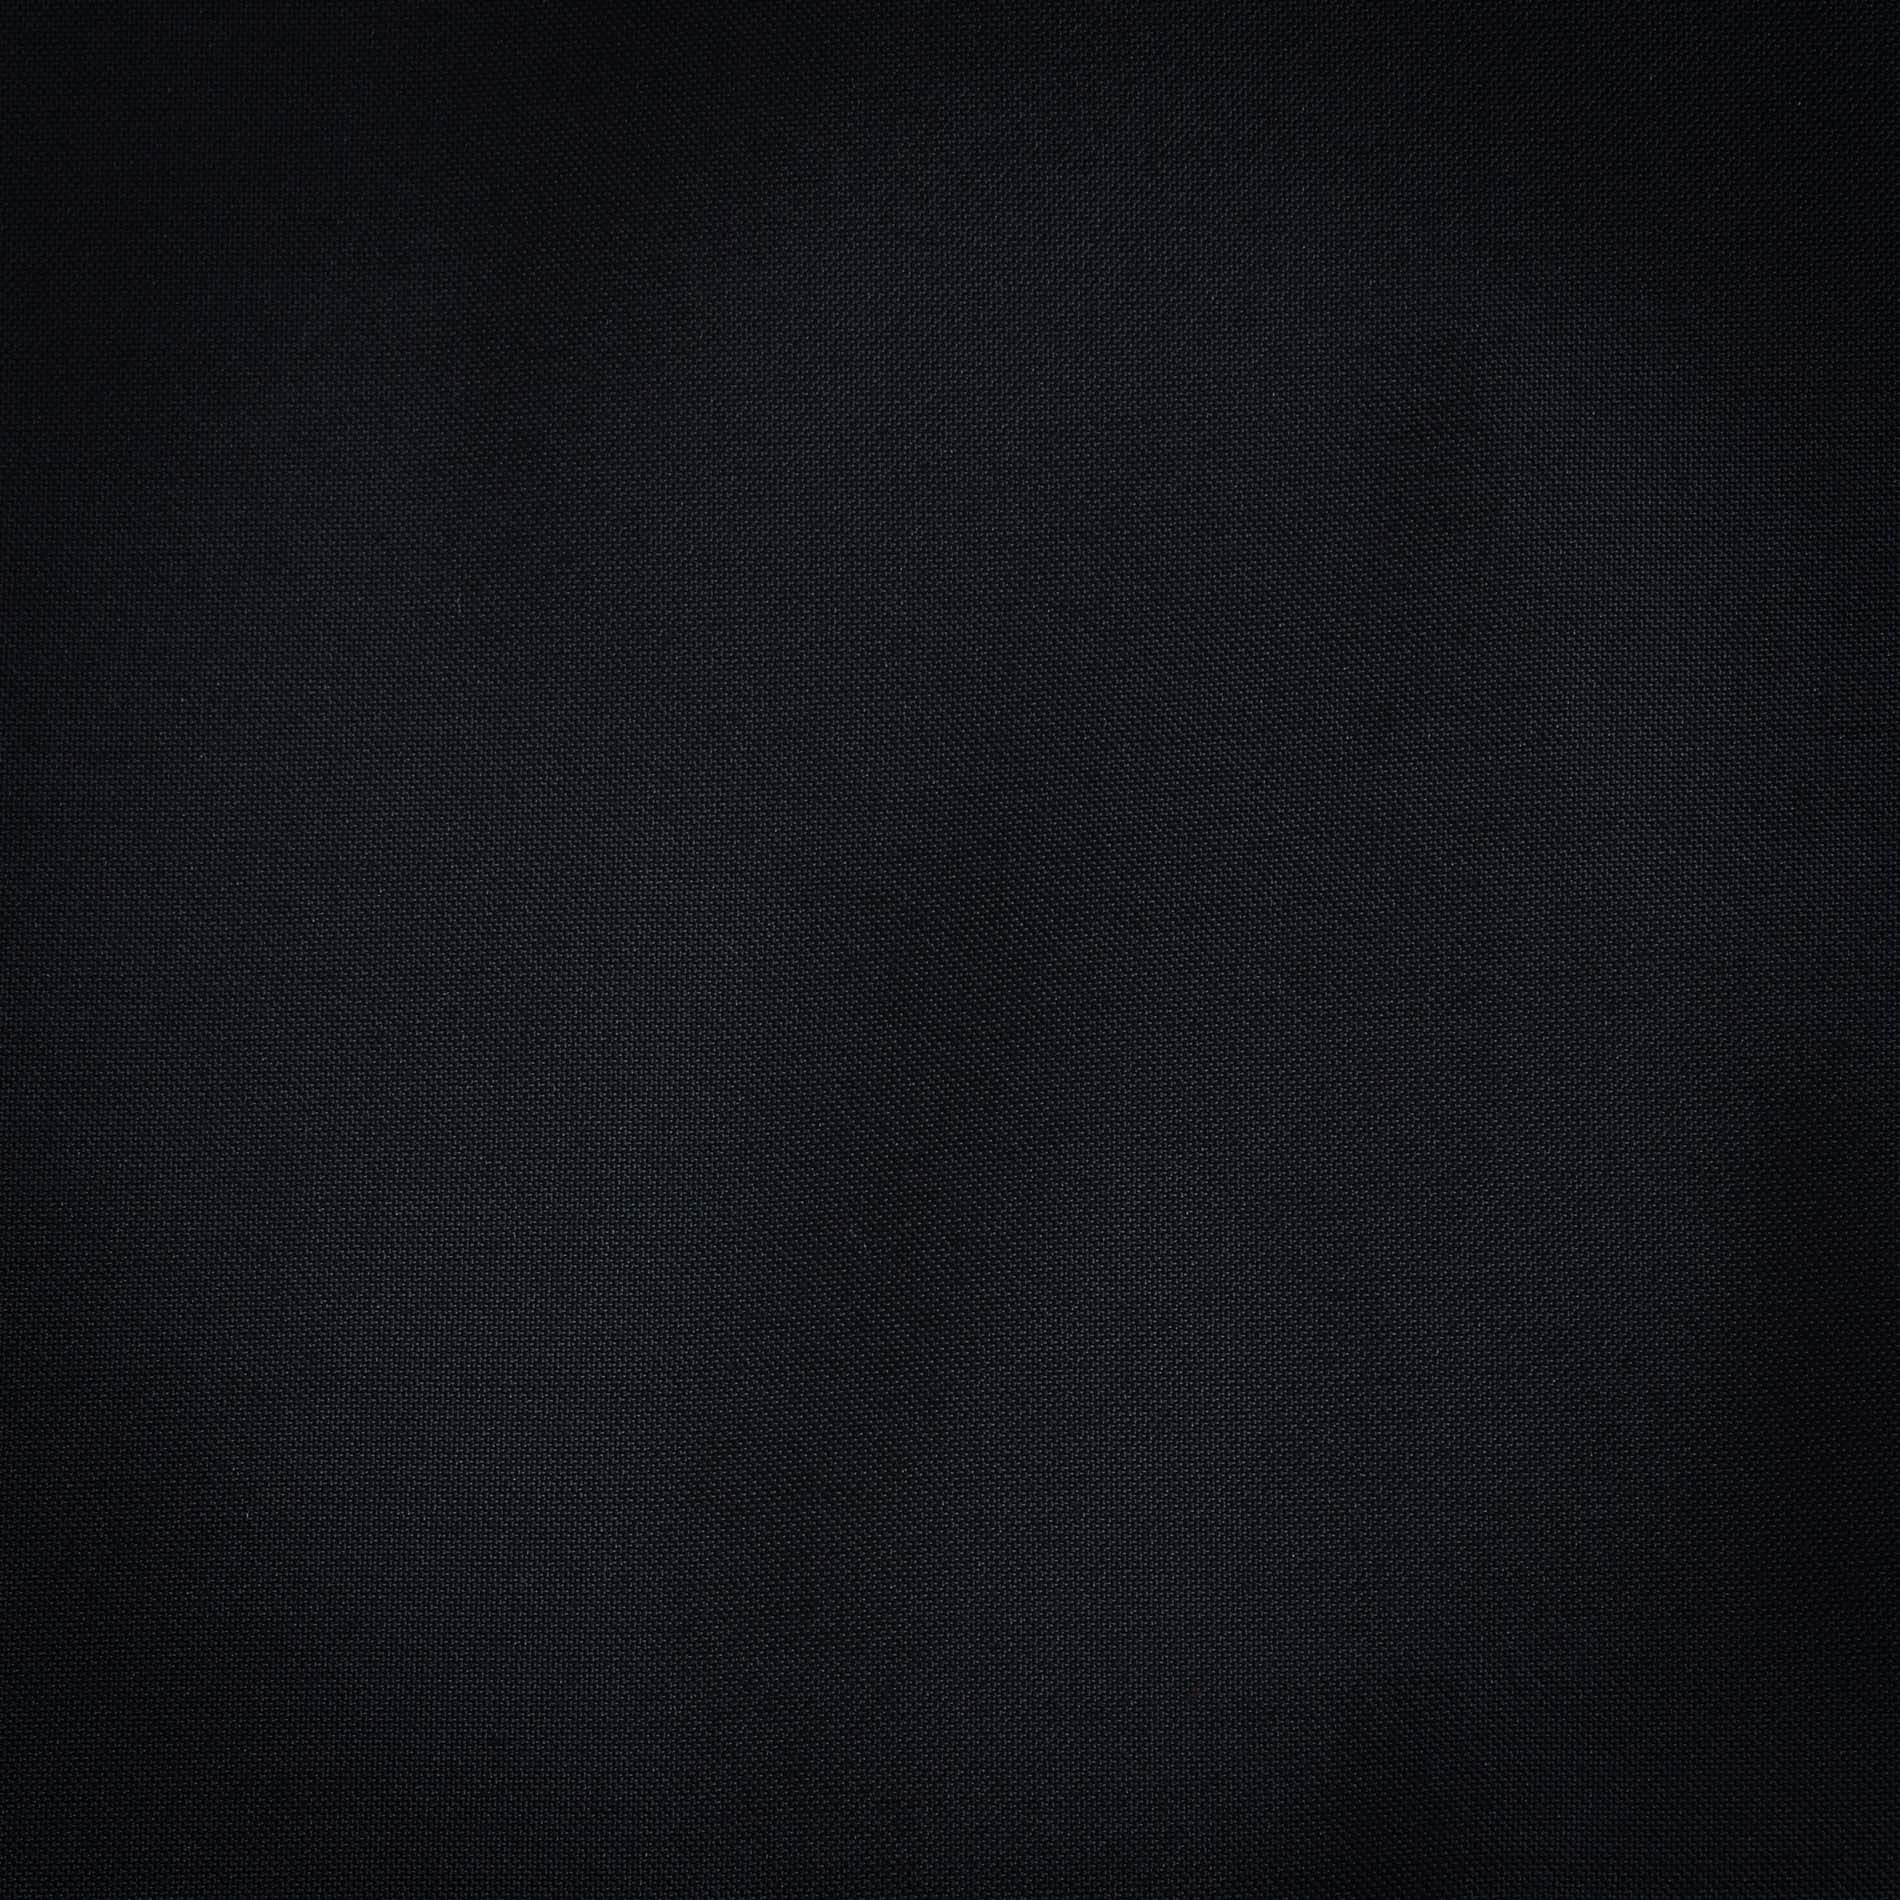 【DUNKELD ML】【Loro Piana/ロロ・ピアーナ】ステンカラーコート